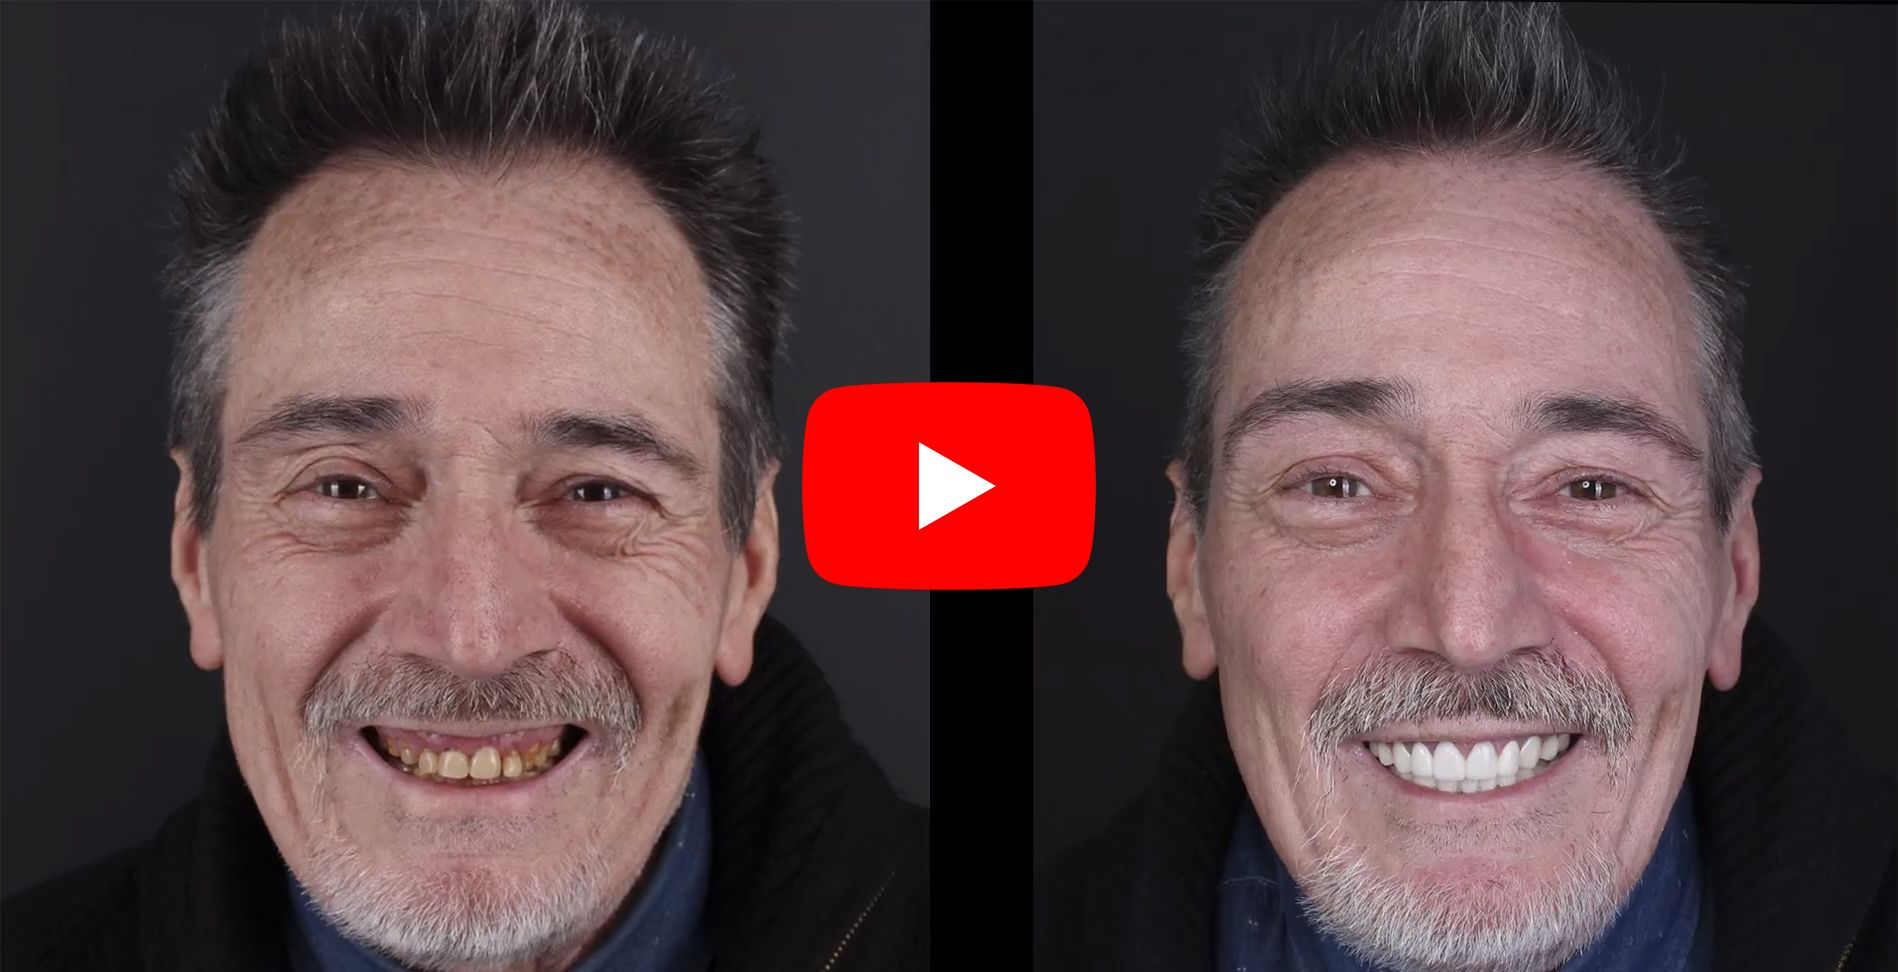 Video testimonios de los pacientes tratados en clínica Padrós de estética dental